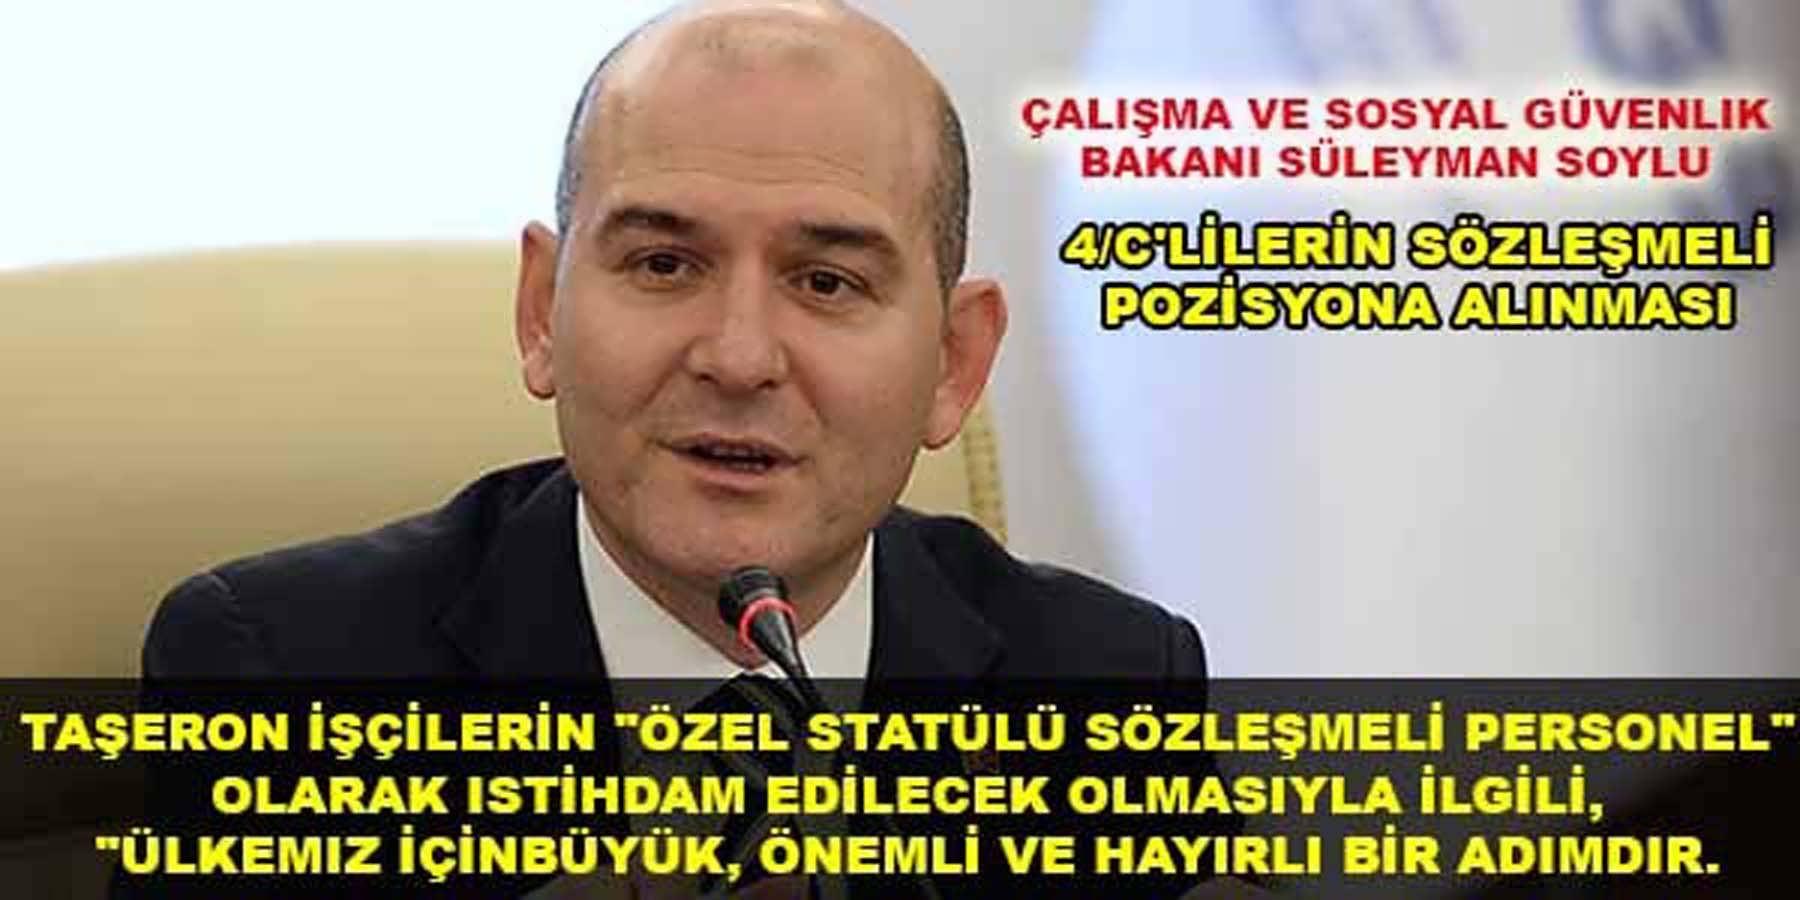 Çalışma ve Soyal Güvenlik Bakanı Süleyman Soylu Taşeron İşçi Açıklaması